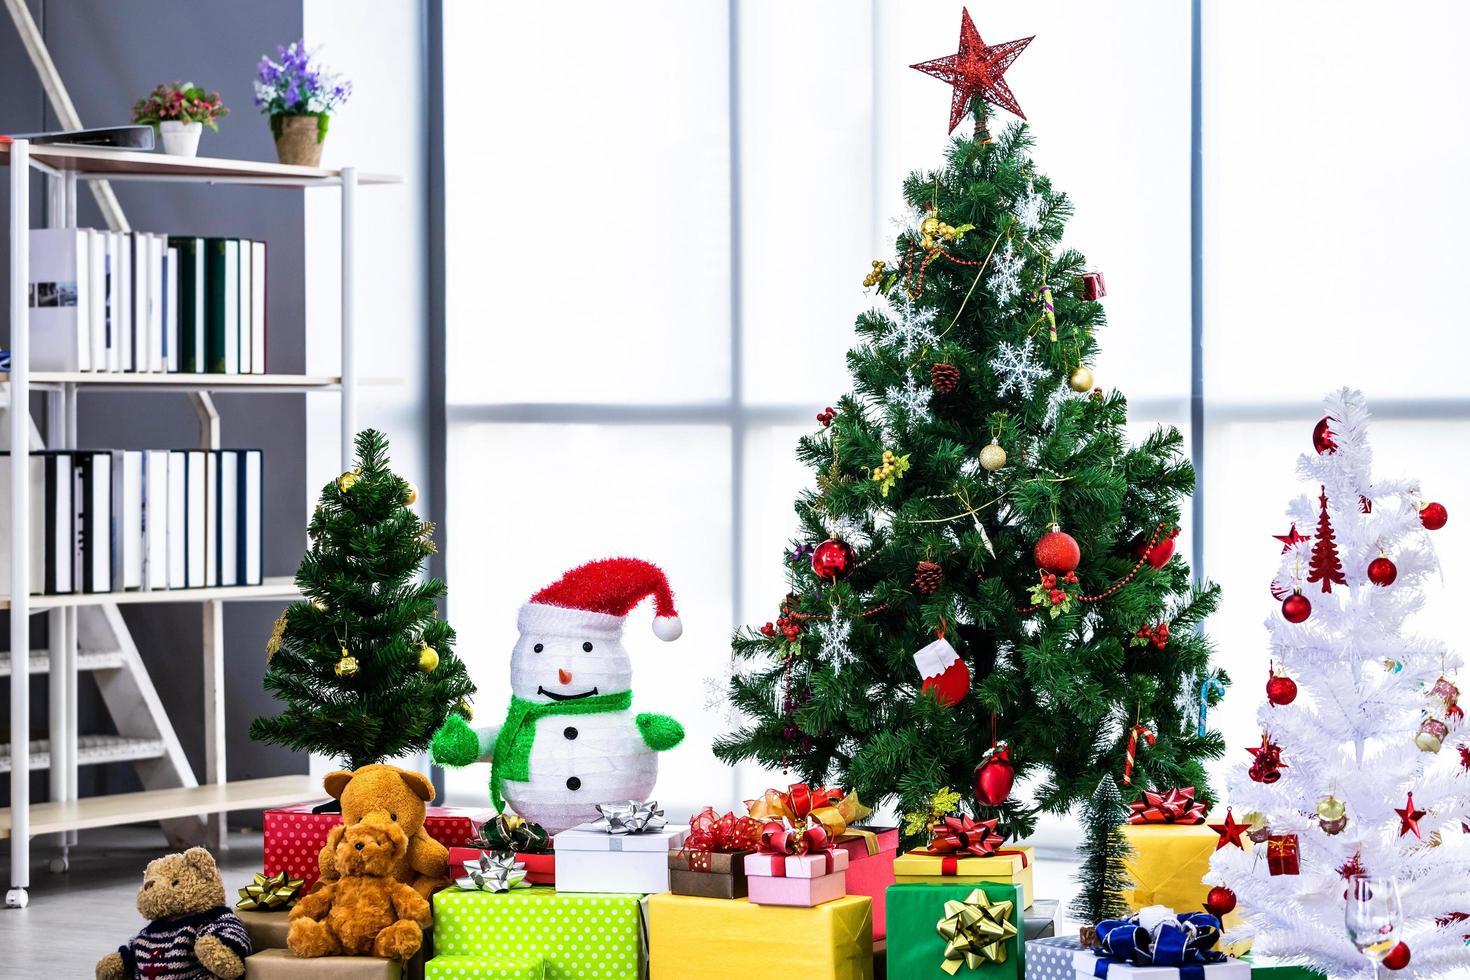 Weihnachtsbaum mit Geschenken foto